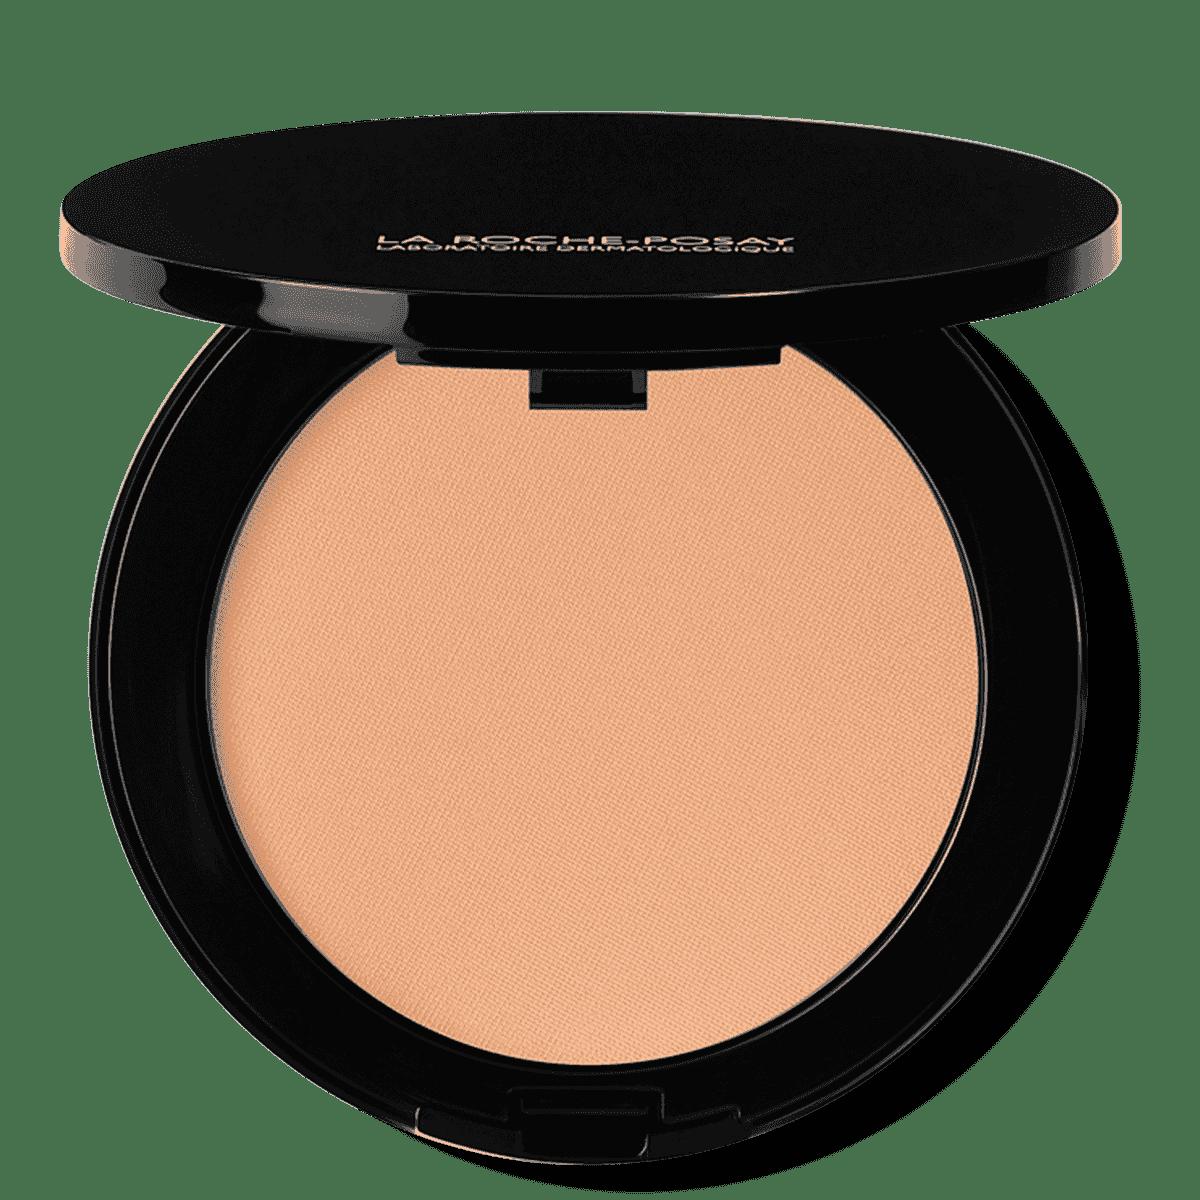 La Roche Posay Sensitive Toleriane Make up COMPACT_POWDER_13SandBeige